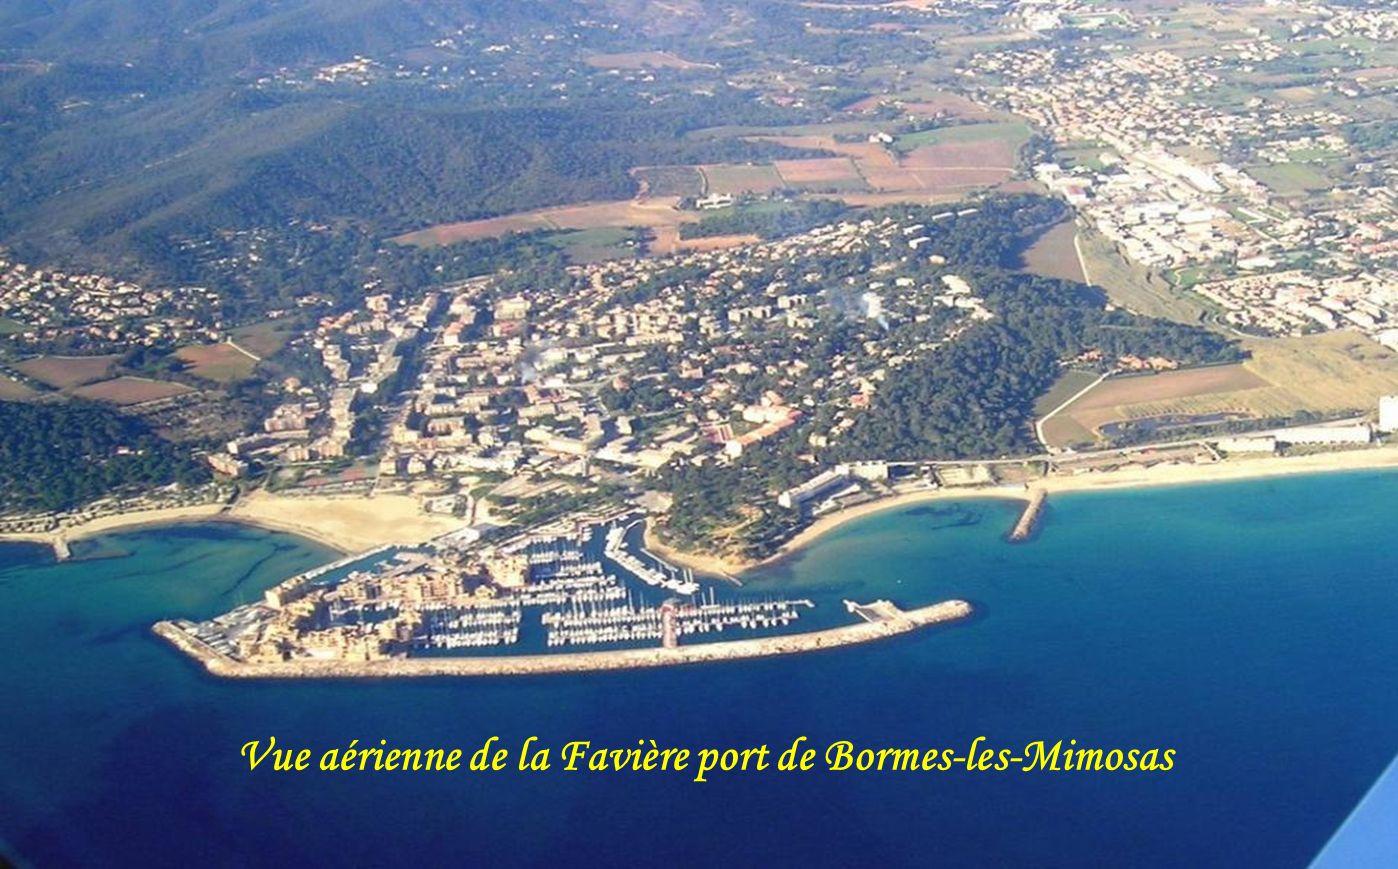 Vue aérienne de la Favière port de Bormes-les-Mimosas